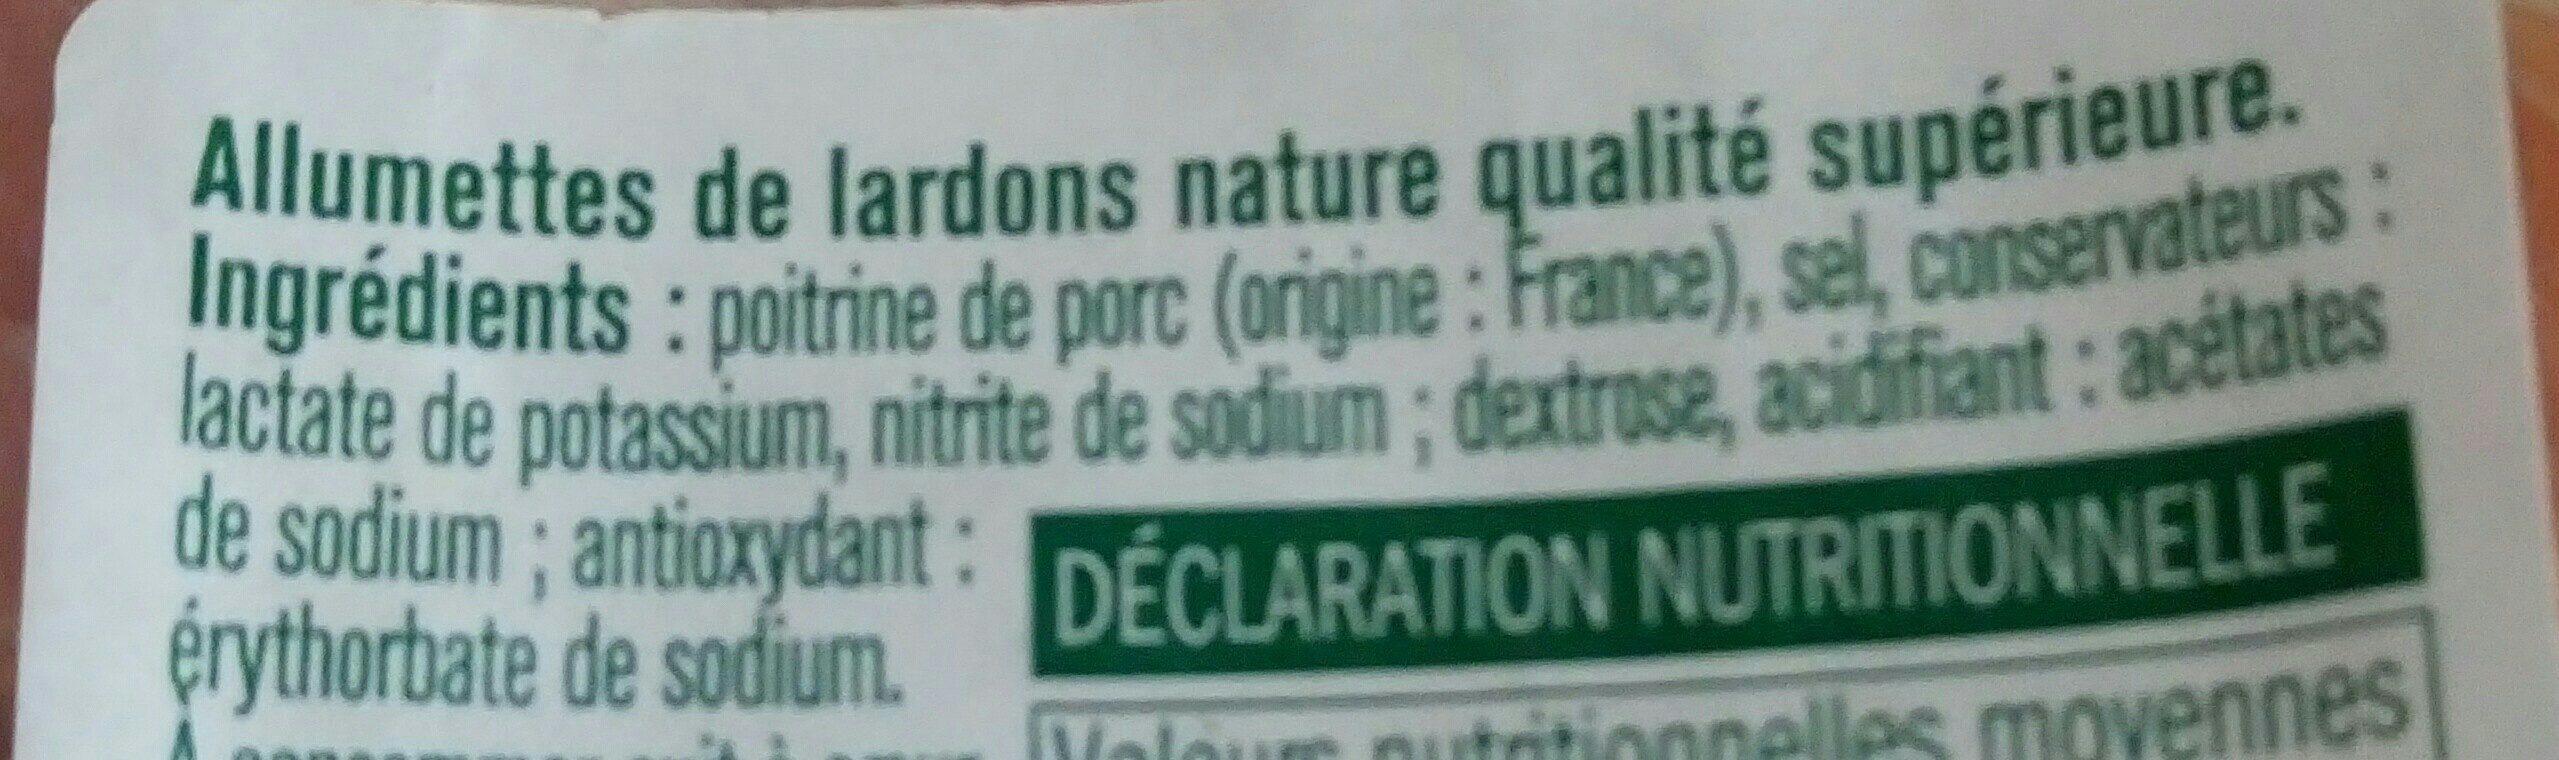 Allumettes de lardons nature - Ingredients - fr